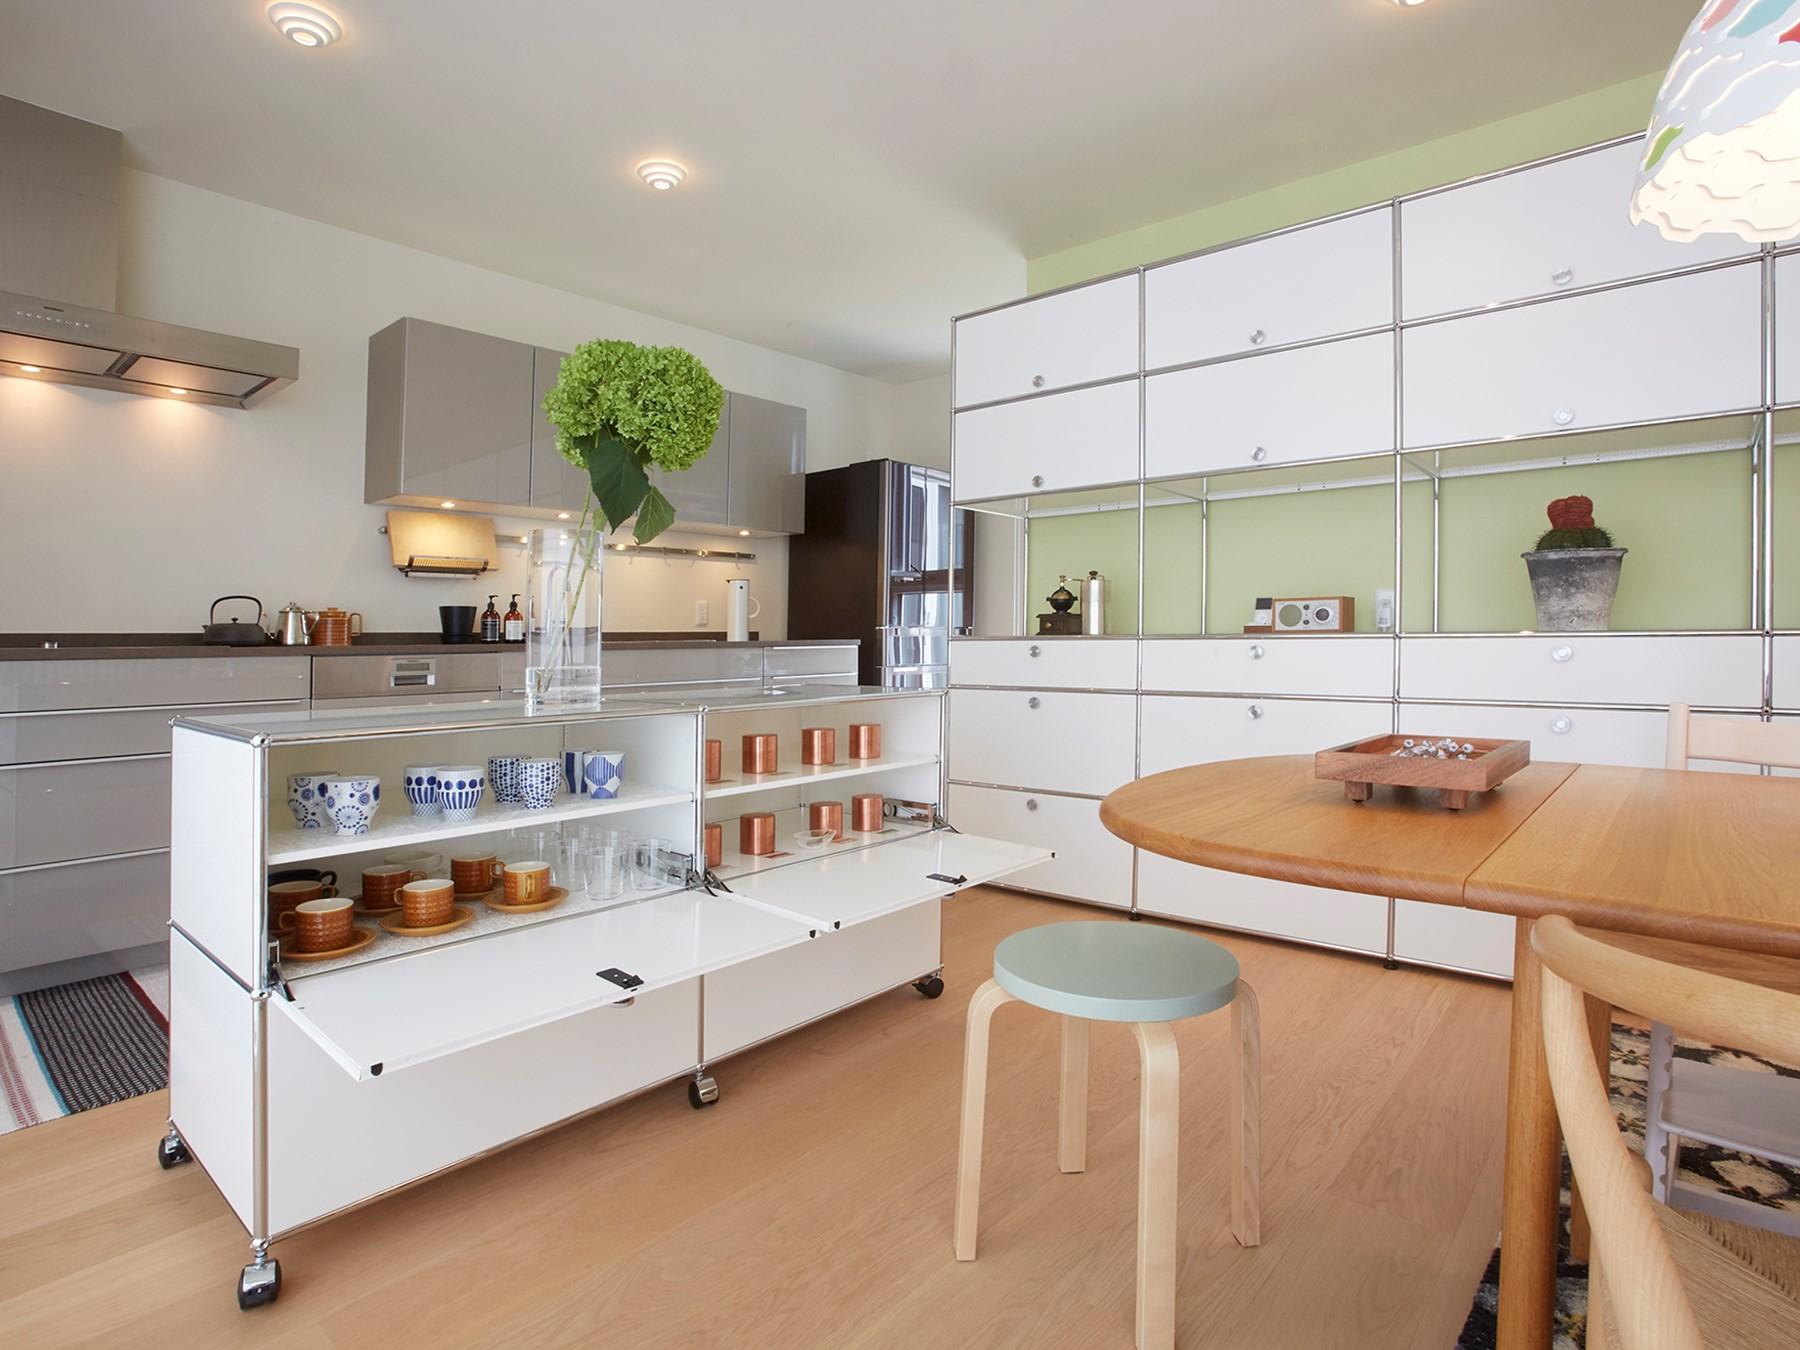 Full Size of Mit Usm Haller Einfallsreiche Aufbewahrungsmglichkeiten Auch In Stehhilfe Küche Kaufen Tipps Elektrogeräten Müllschrank Fettabscheider Nischenrückwand Wohnzimmer Aufbewahrungsideen Küche